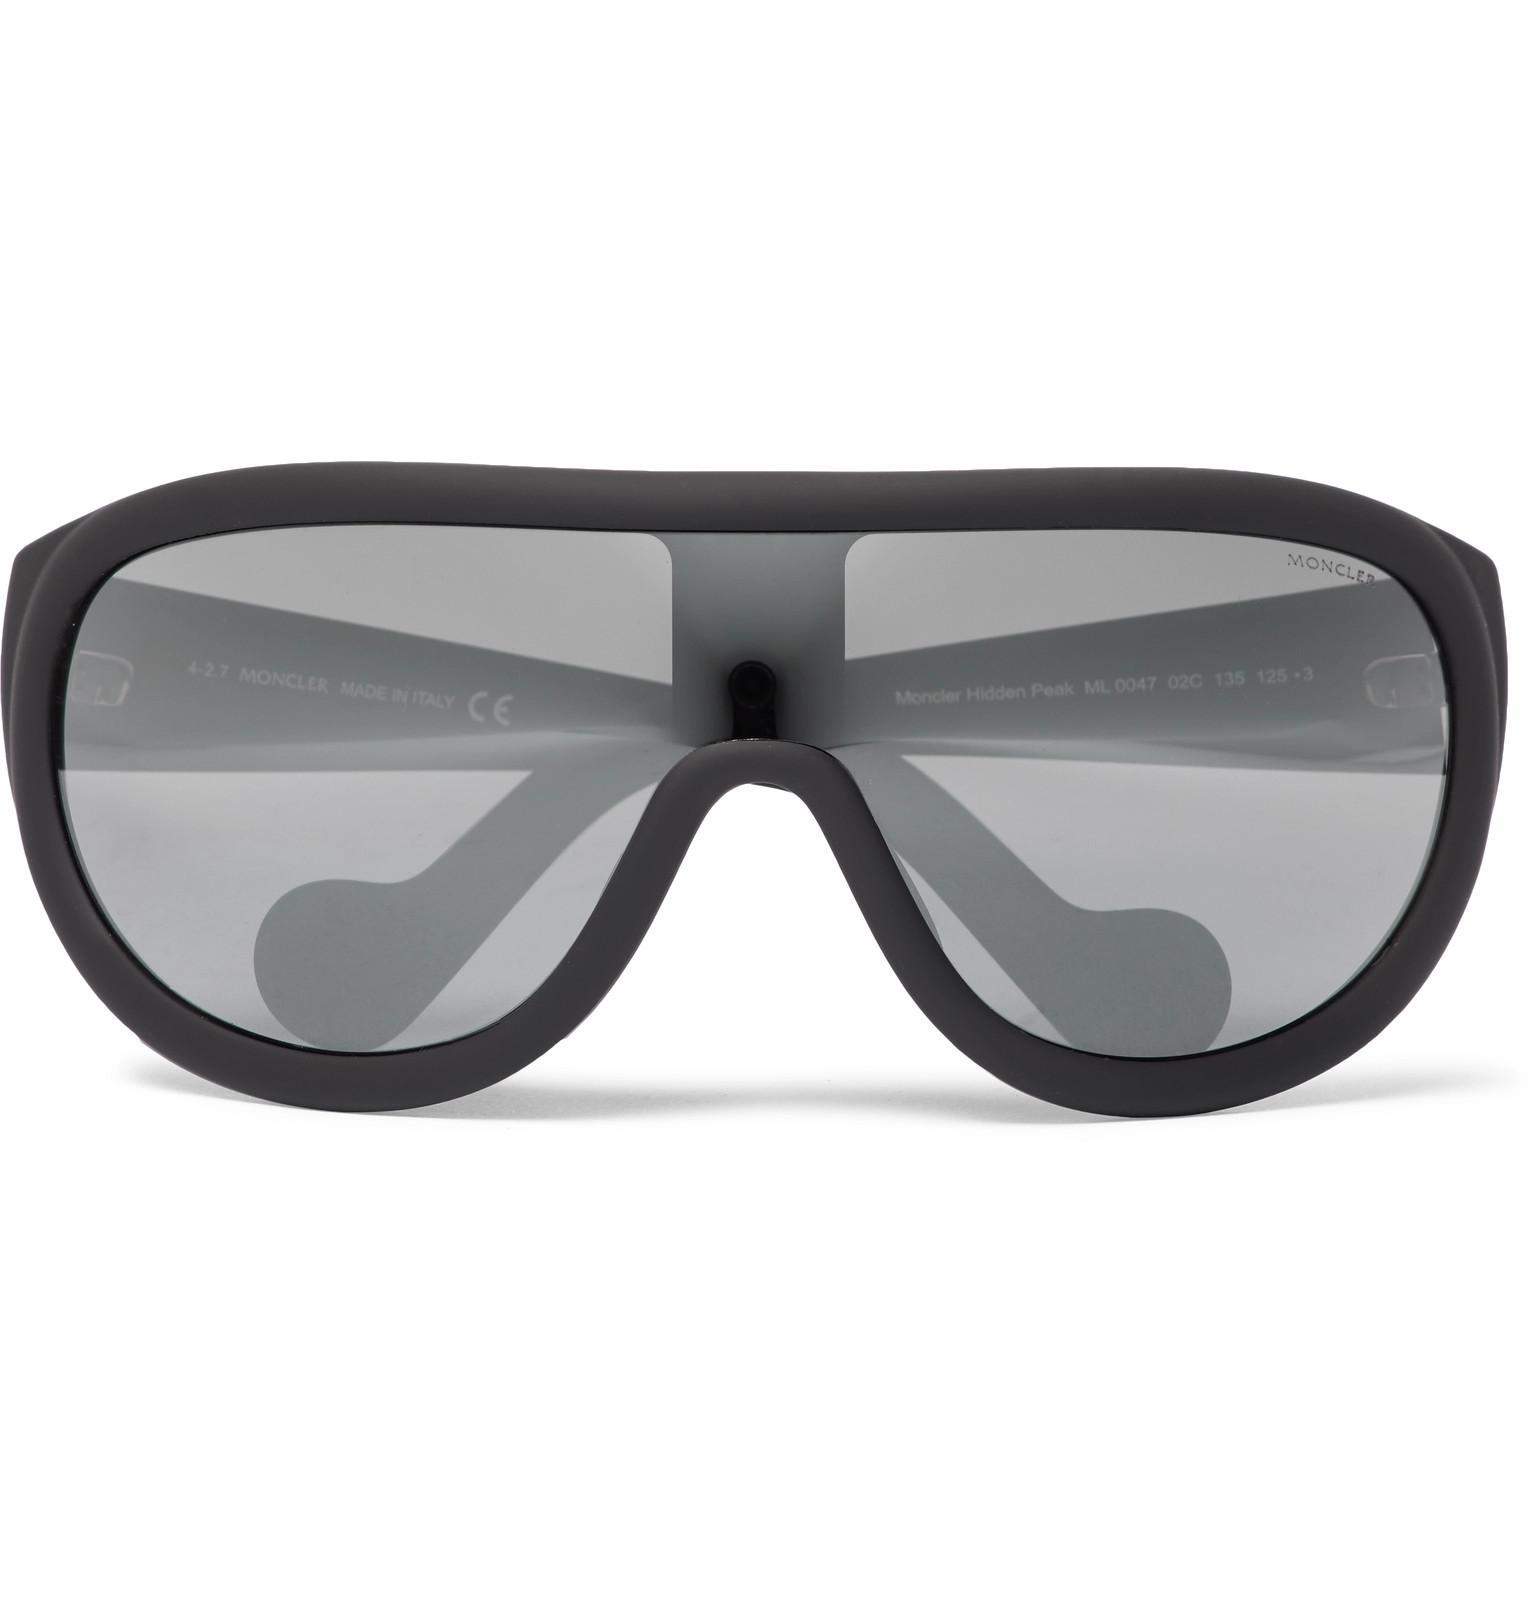 Moncler Acetate Ski Sunglasses - Black oZS5B5